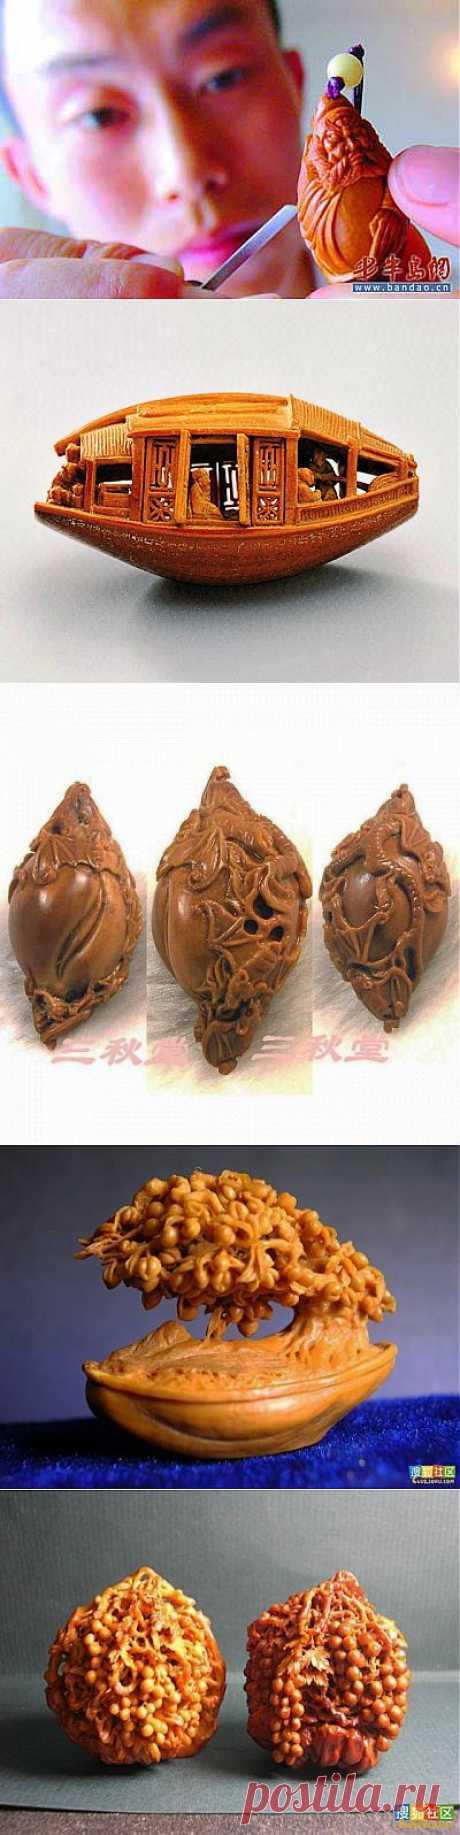 Искусство хайдао родилось в Китае в период династии Сун (960-1279 гг.) оно представляет собой мастерство создания великолепных украшений, филигранных миниатюр из обычных фруктовых косточек.